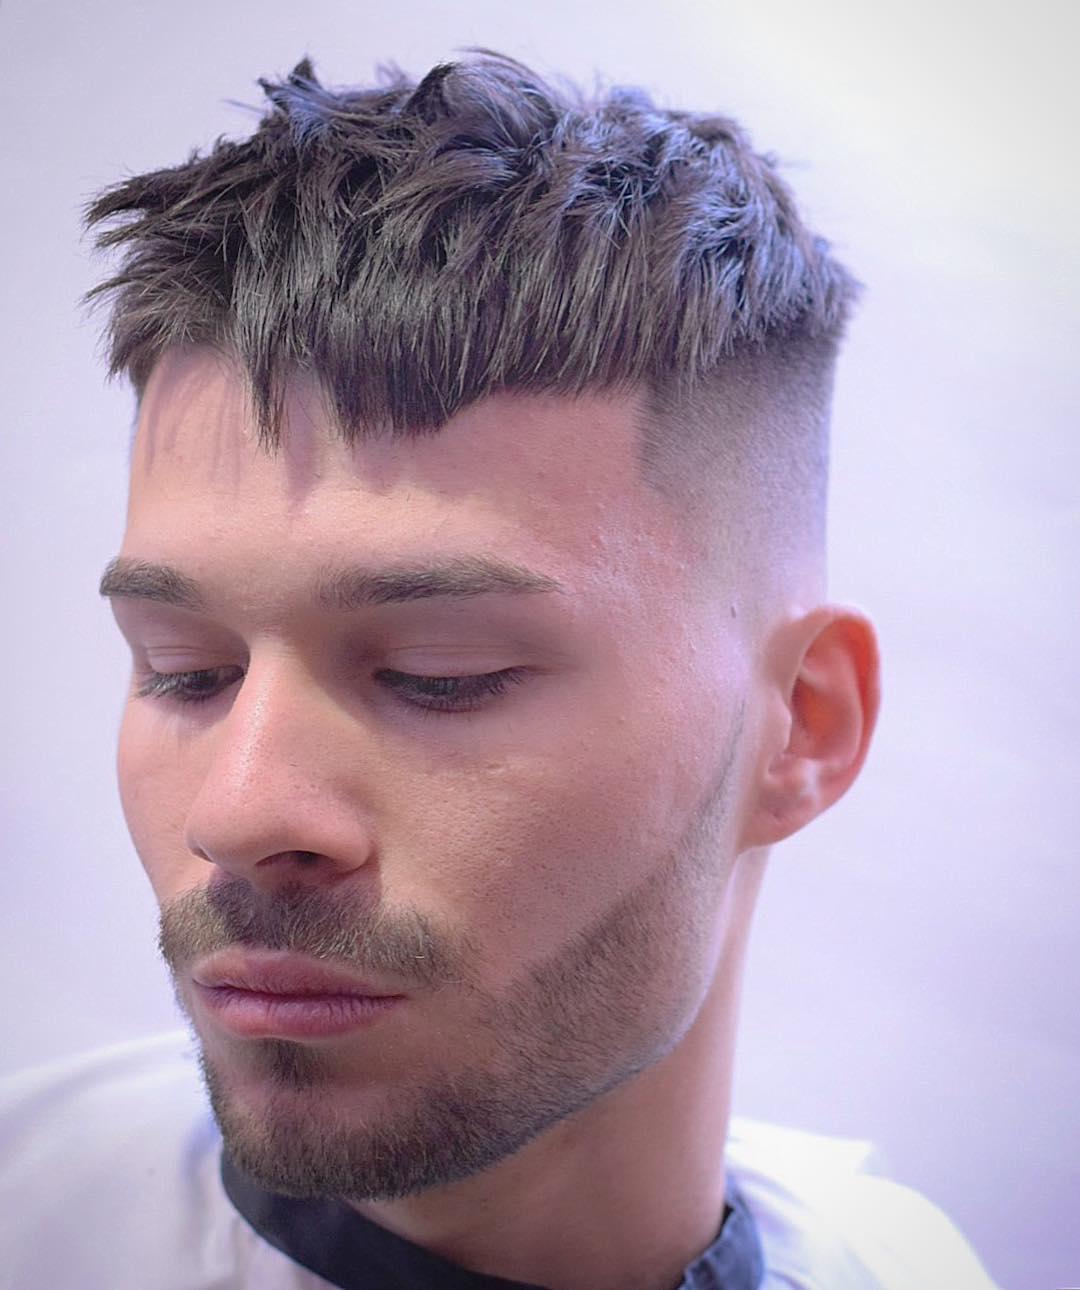 aleb_barber cool crop haircut for men best men's haircut